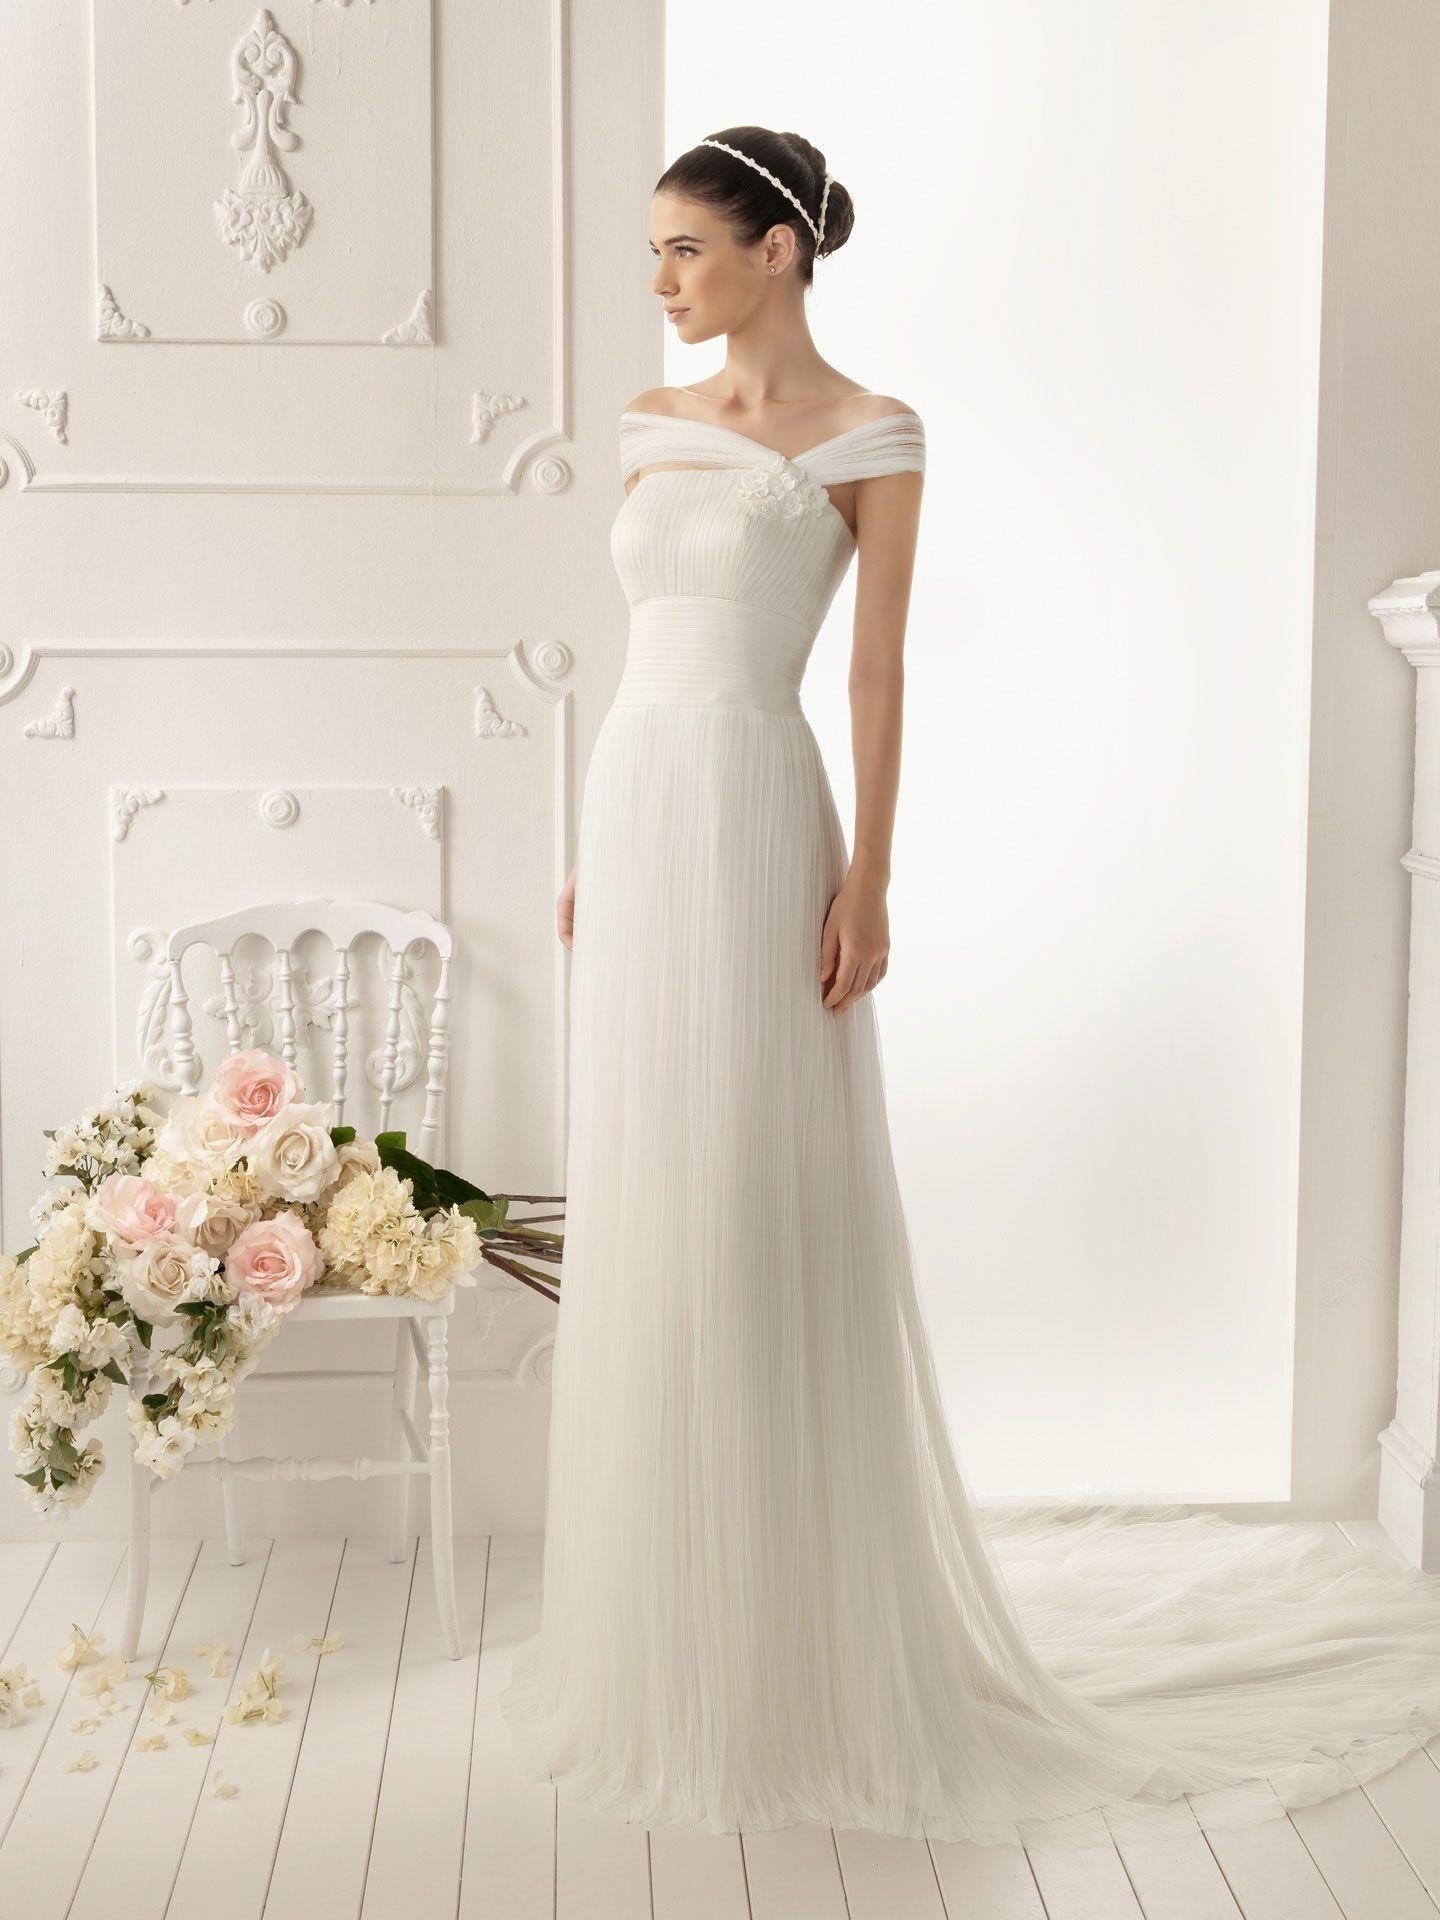 wedding dress styles wedding dress styles glamorous aline white taffeta applique zipper back wedding dress discount wedding dresses cheap designer wedding dress for sale bridesmaid dresses